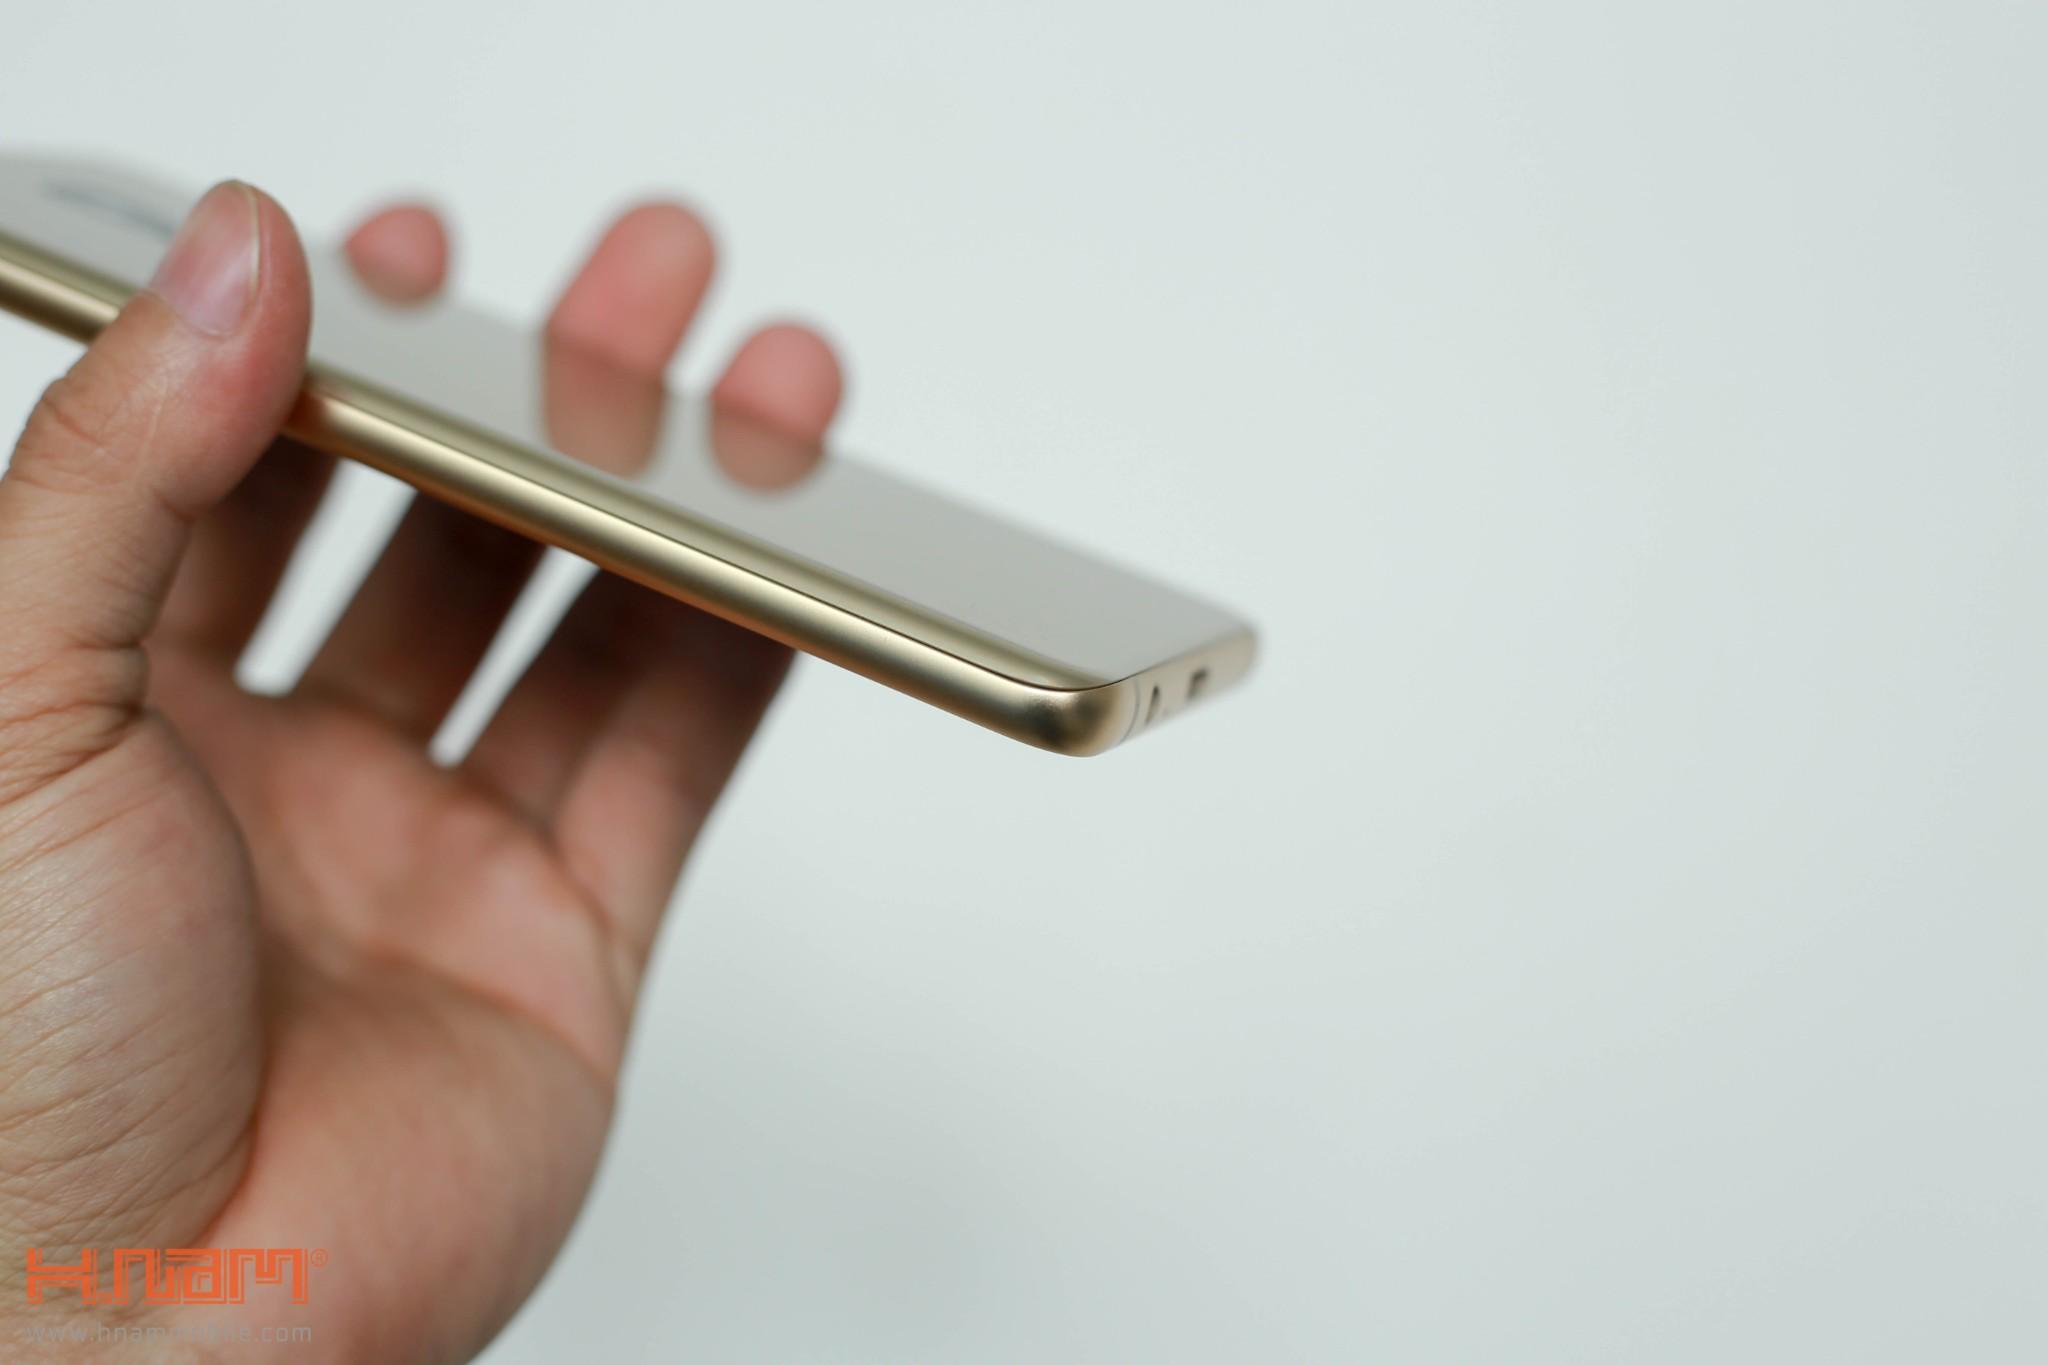 Đánh giá thiết kế Galaxy A8/ A8+: Vẻ đẹp sang trọng của kim loại và kính hình 6